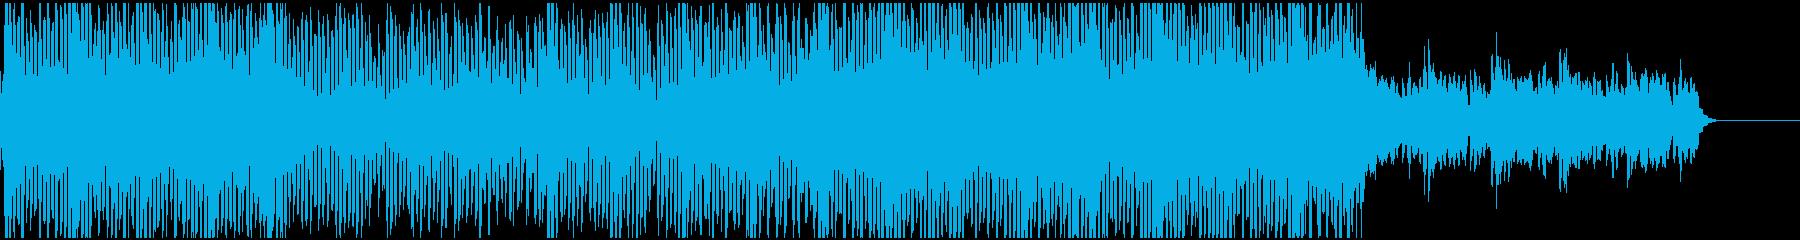 シャンシャン系〜幸せのクリスマスBGMの再生済みの波形